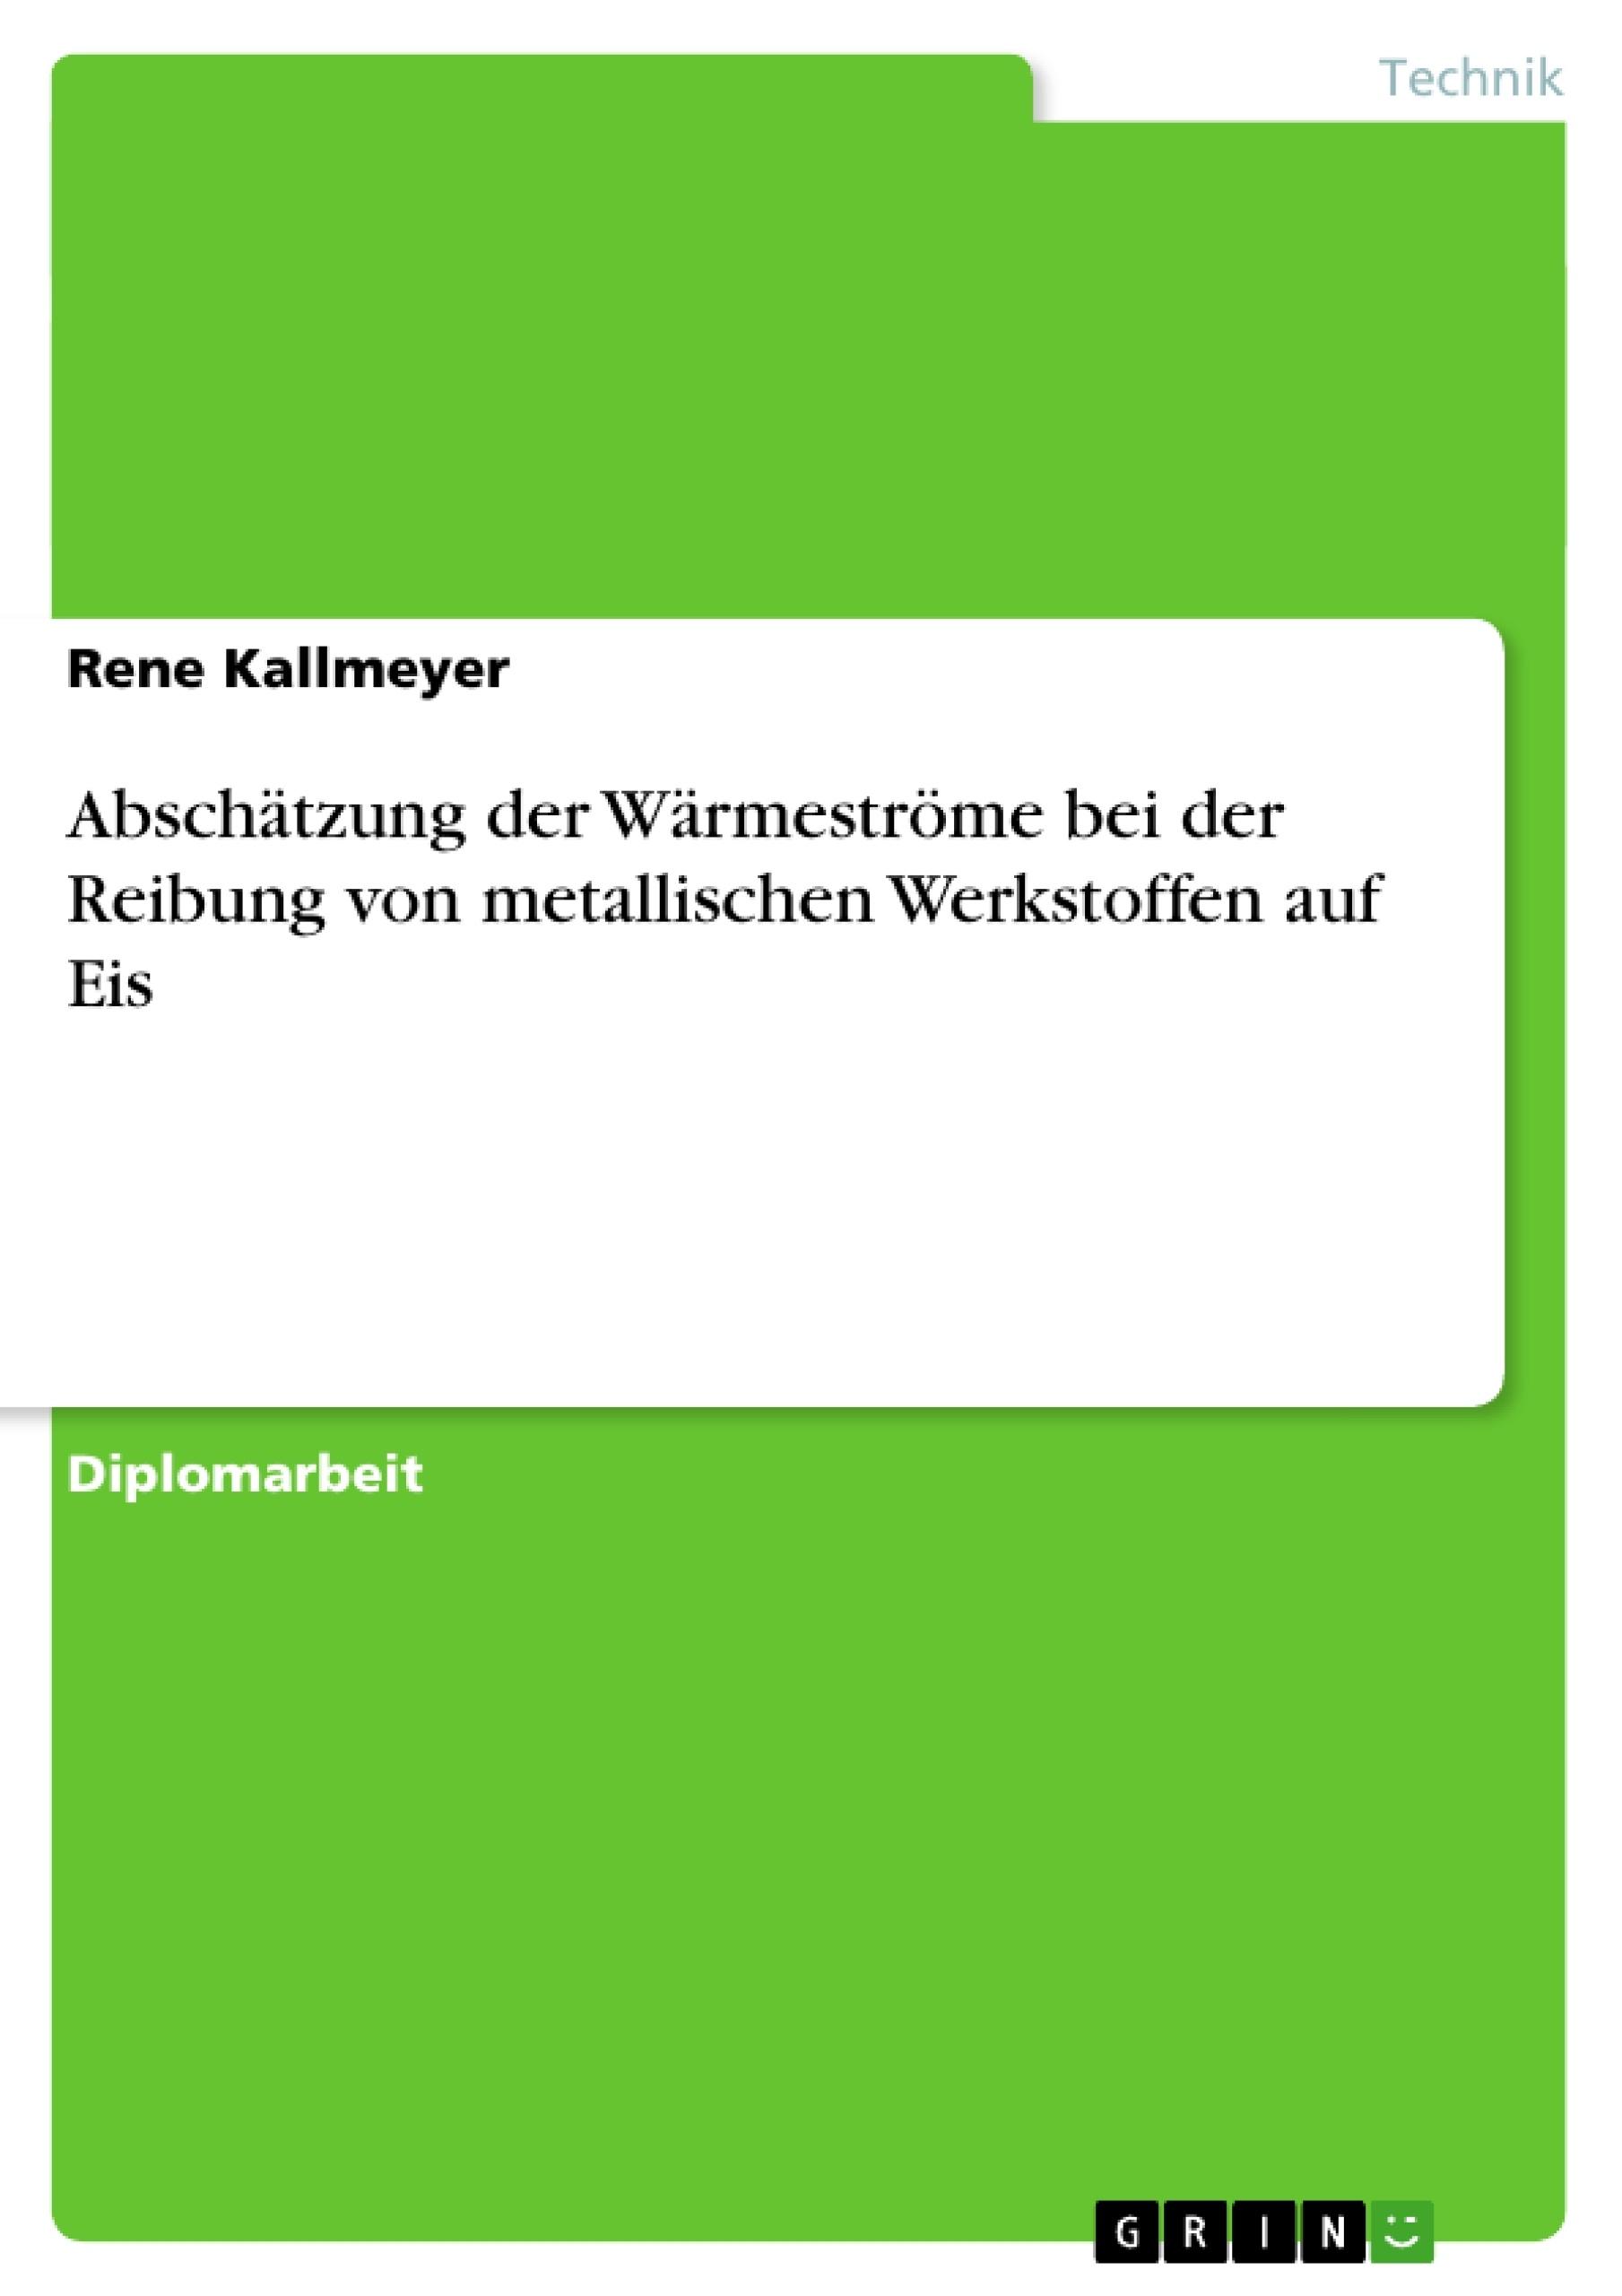 Titel: Abschätzung der Wärmeströme bei der Reibung von metallischen Werkstoffen auf Eis